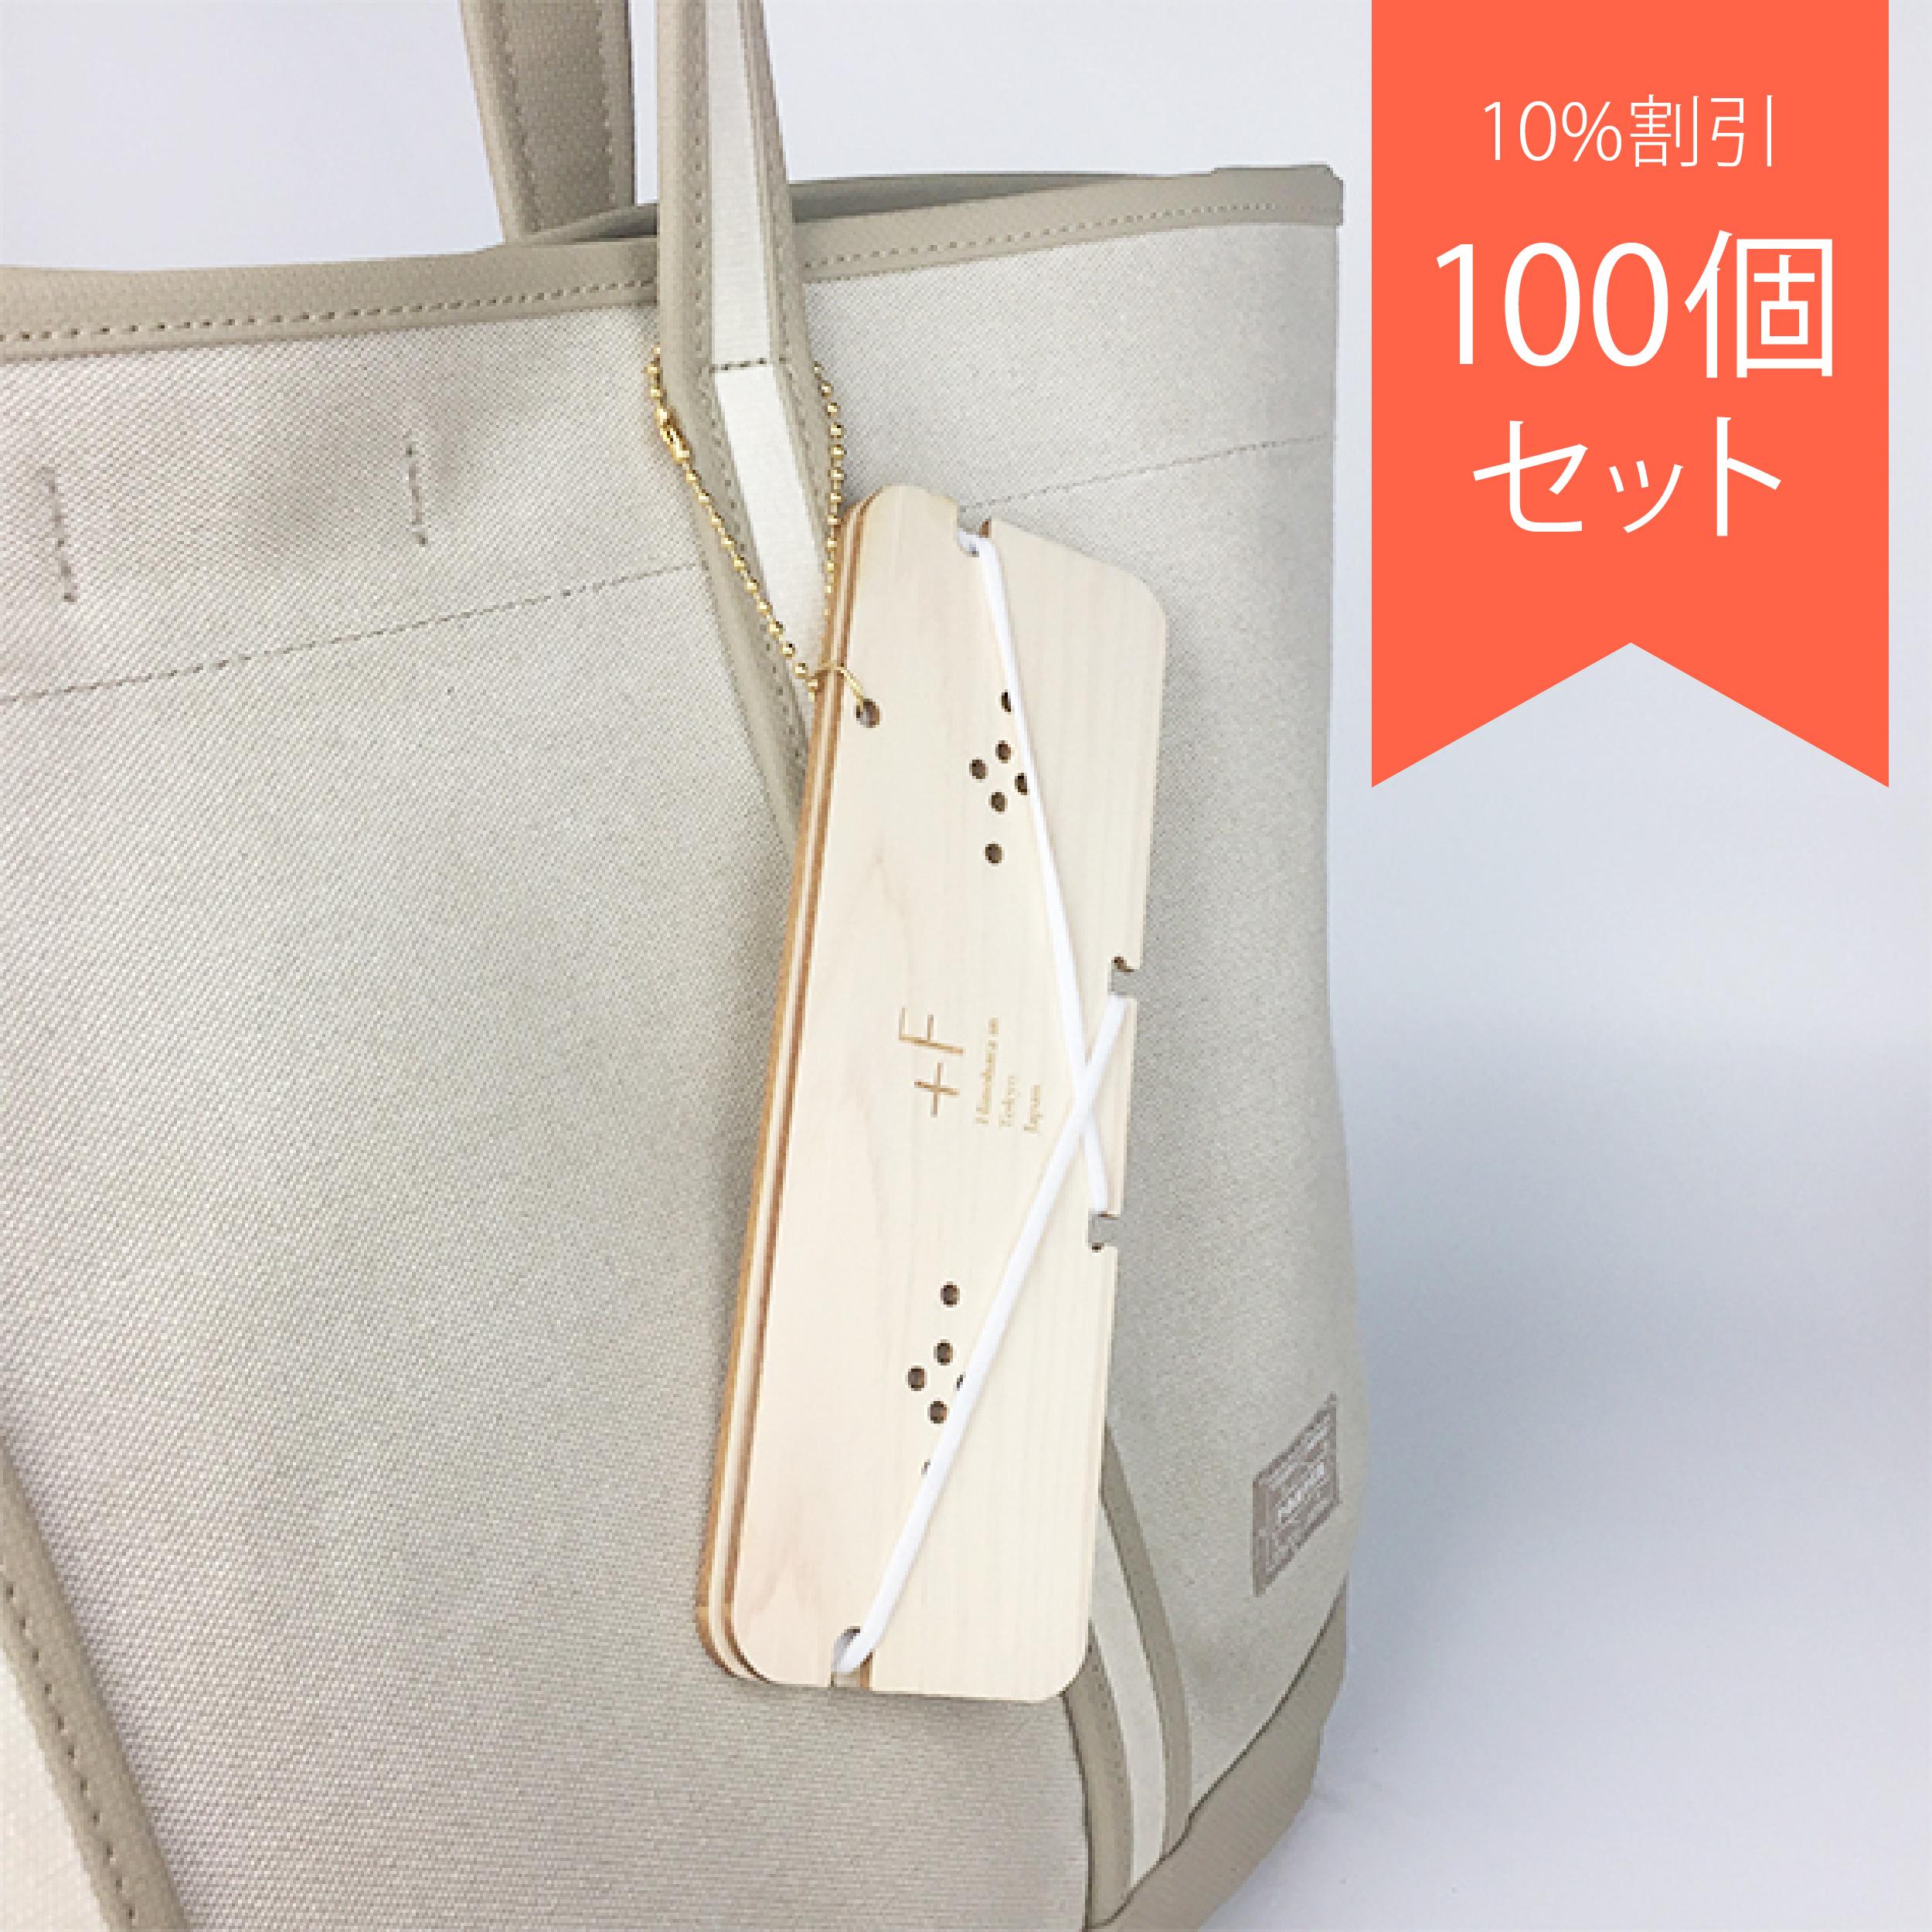 100個セット [10%割引] 産直[+F]檜原産 ヒノキのマスクケース(不織布マスクサイズ用:170×95㎜)